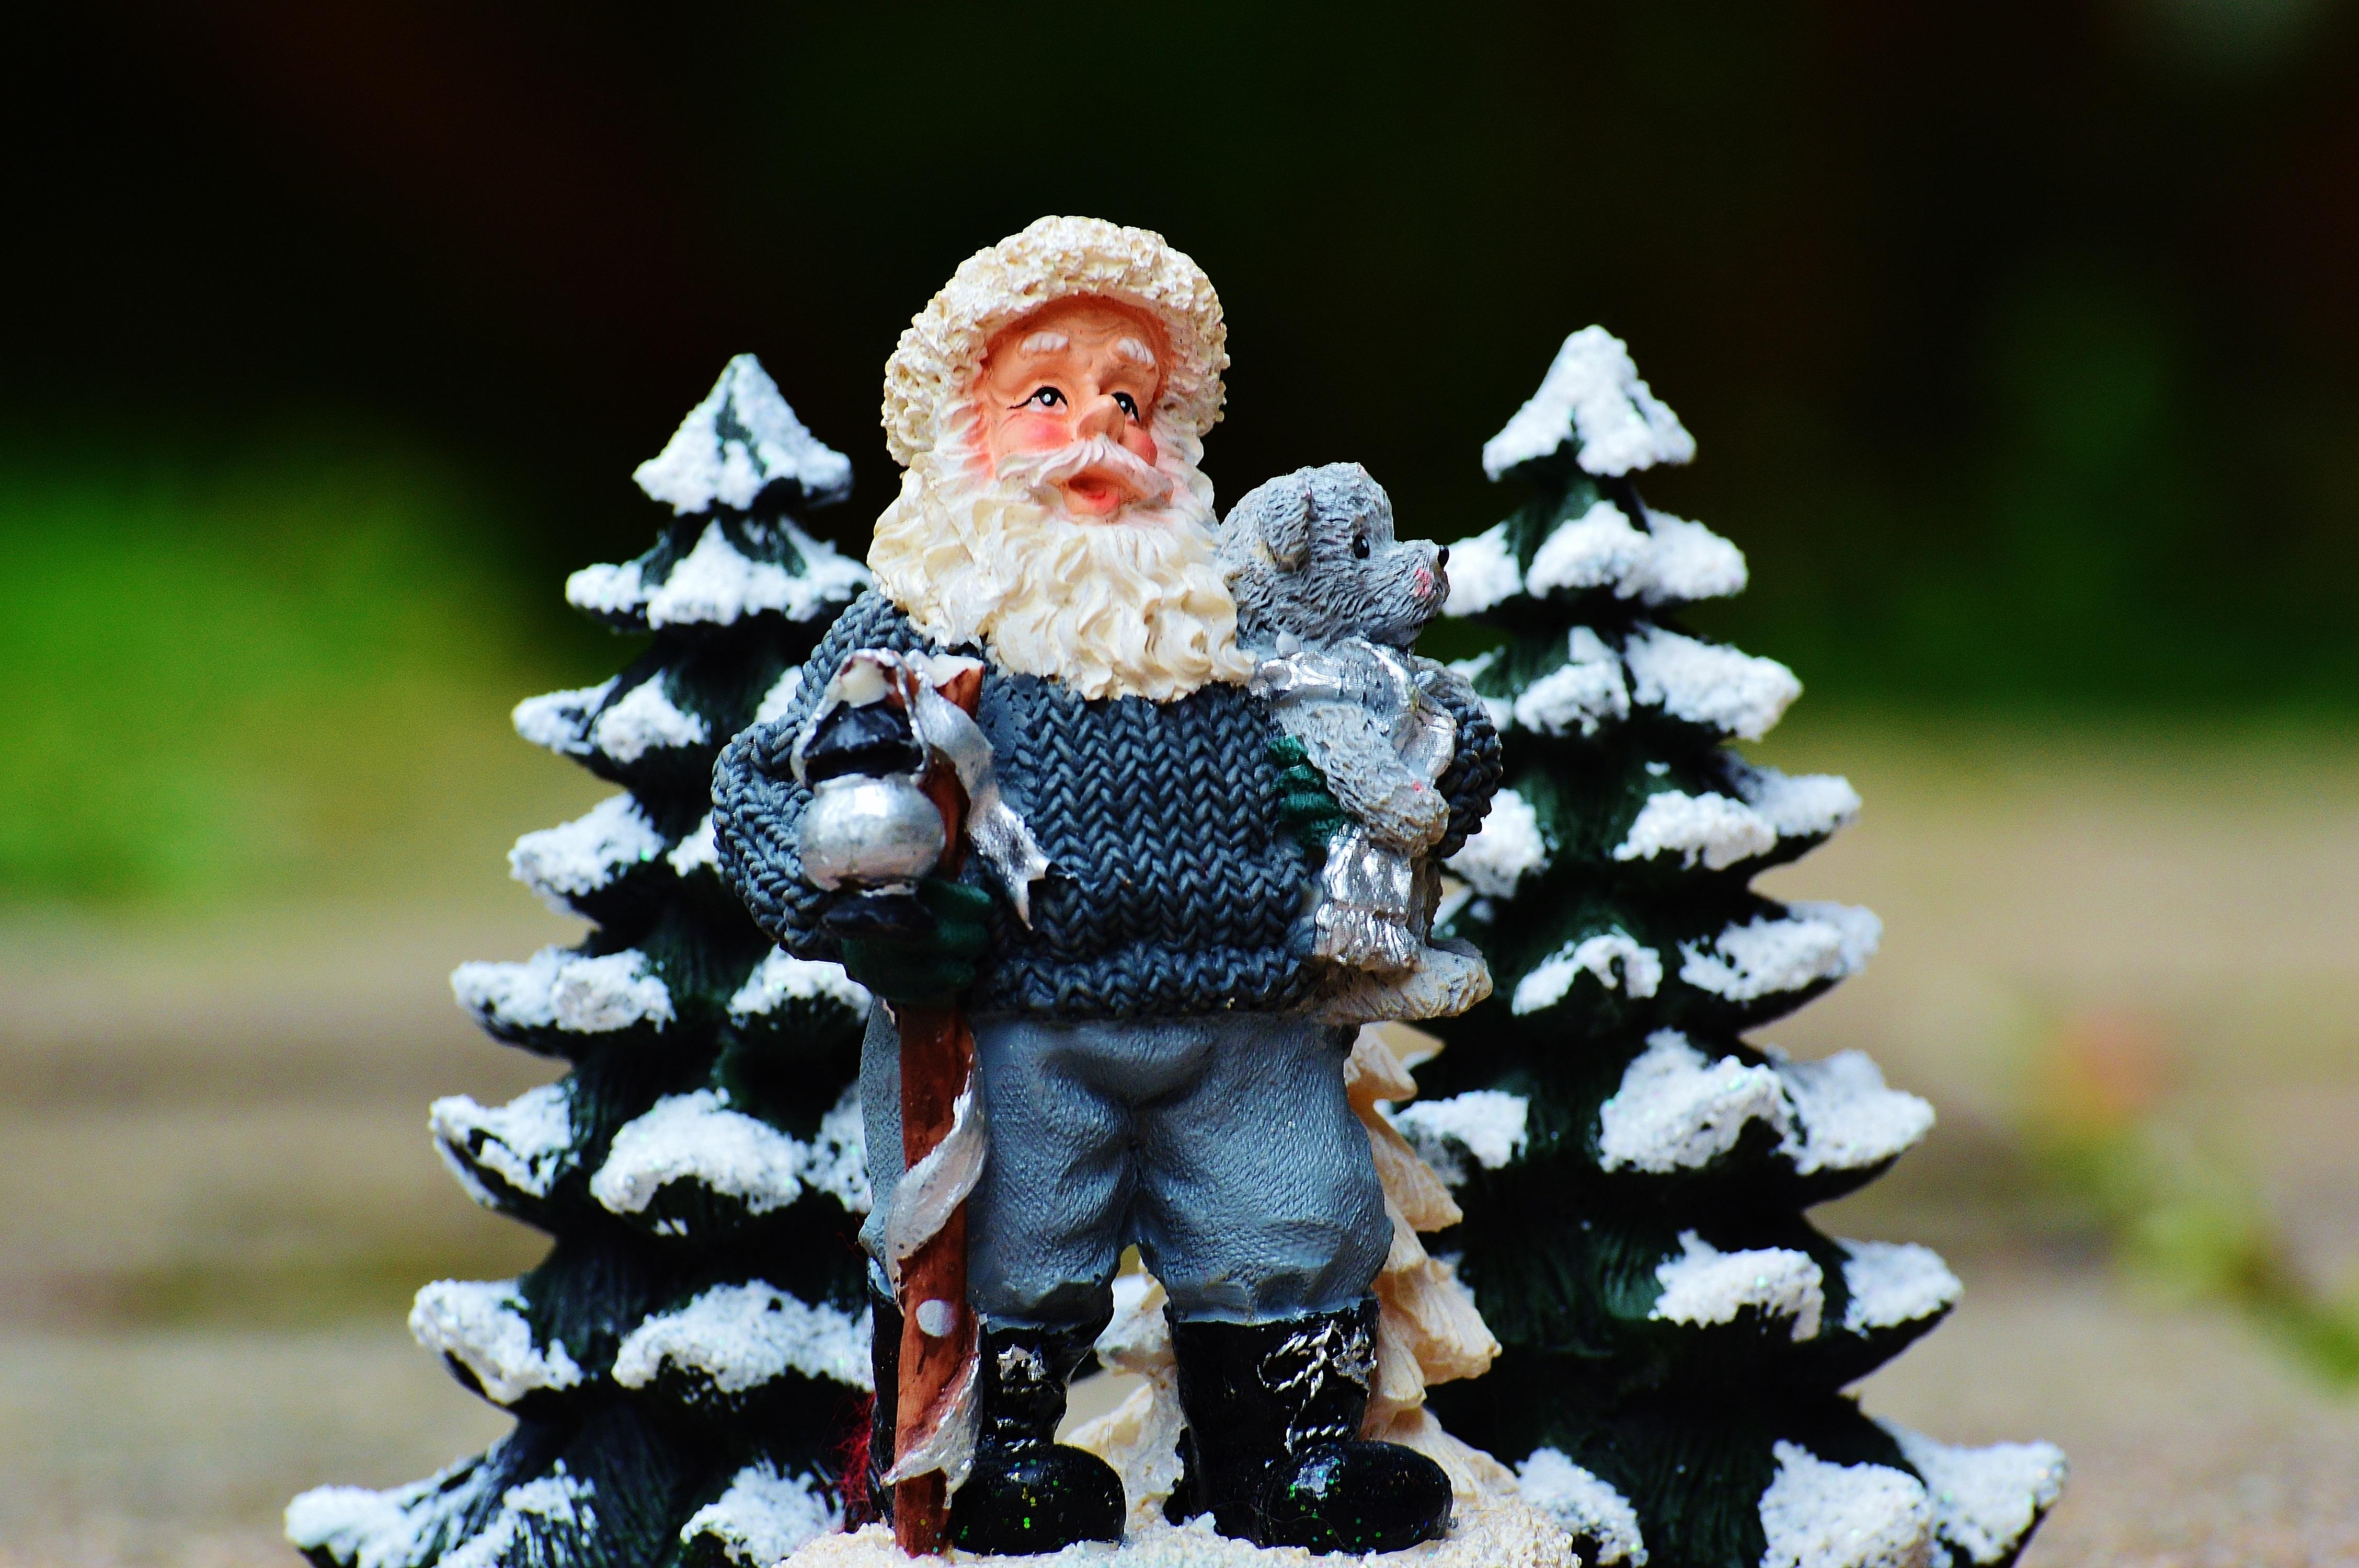 pamätník socha výzdoba Vianoce hračka vianočný stromček oslavovať príchod  vianočné dekorácie darčeky festival figúra rozjímavý smiešny 7e6f07e608